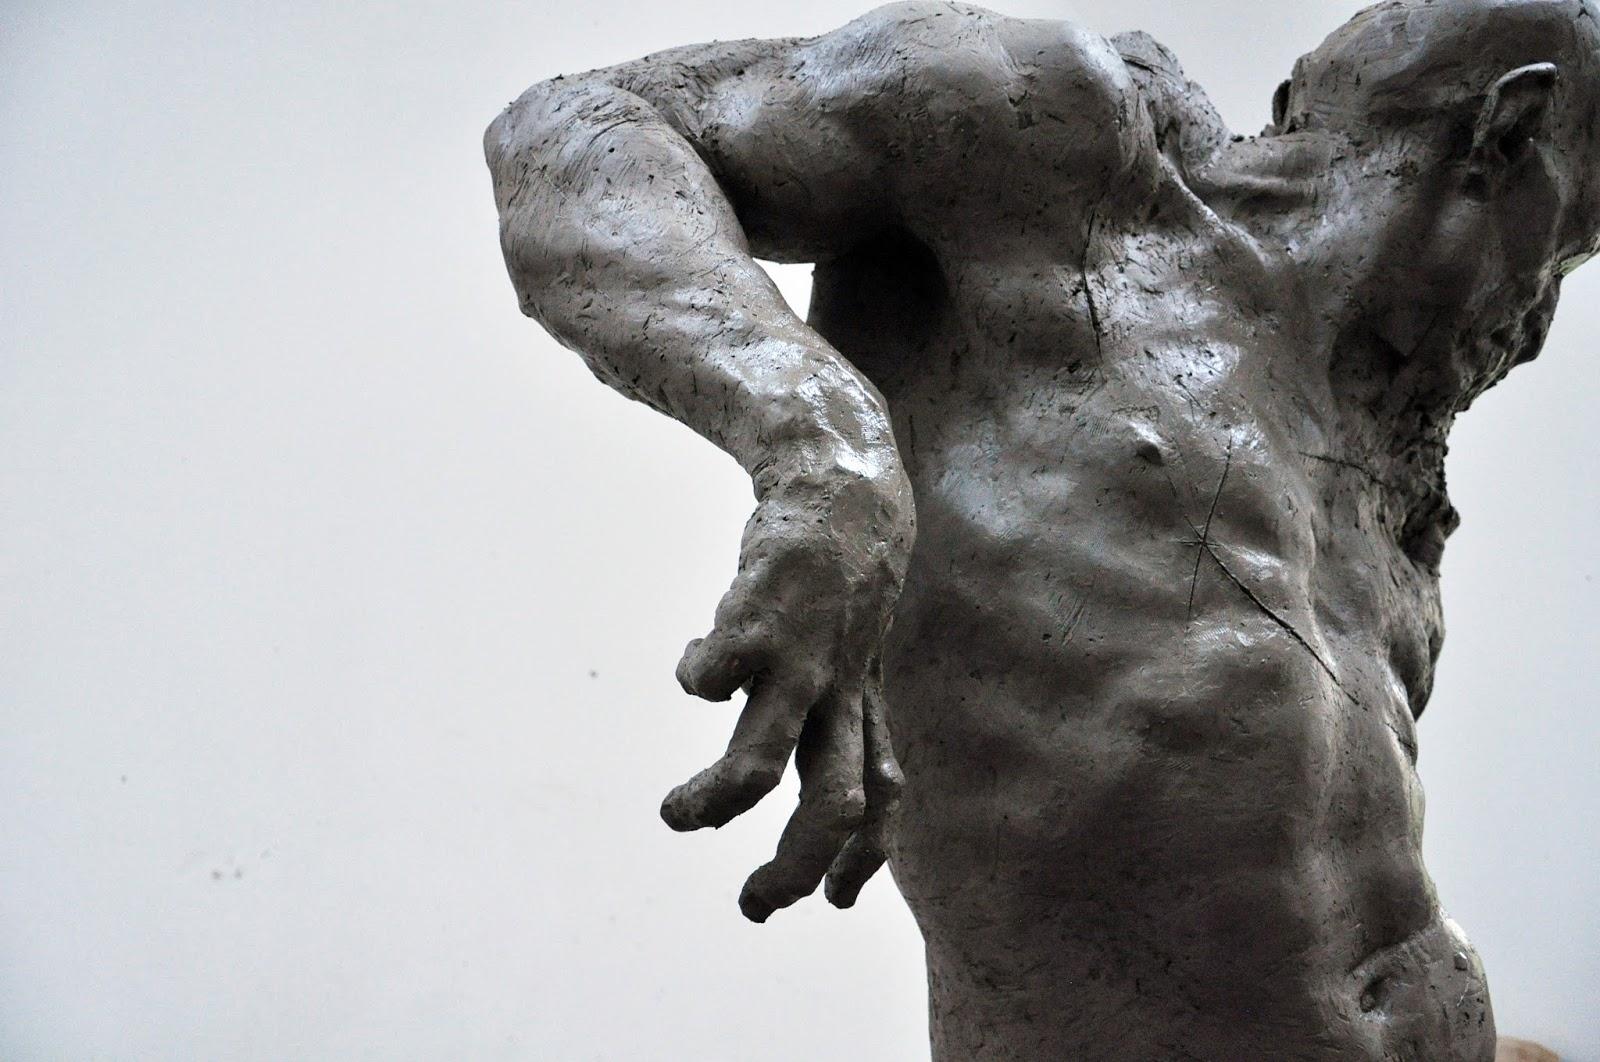 Grzegorz Gwiazda – sculpture cyclist in progress